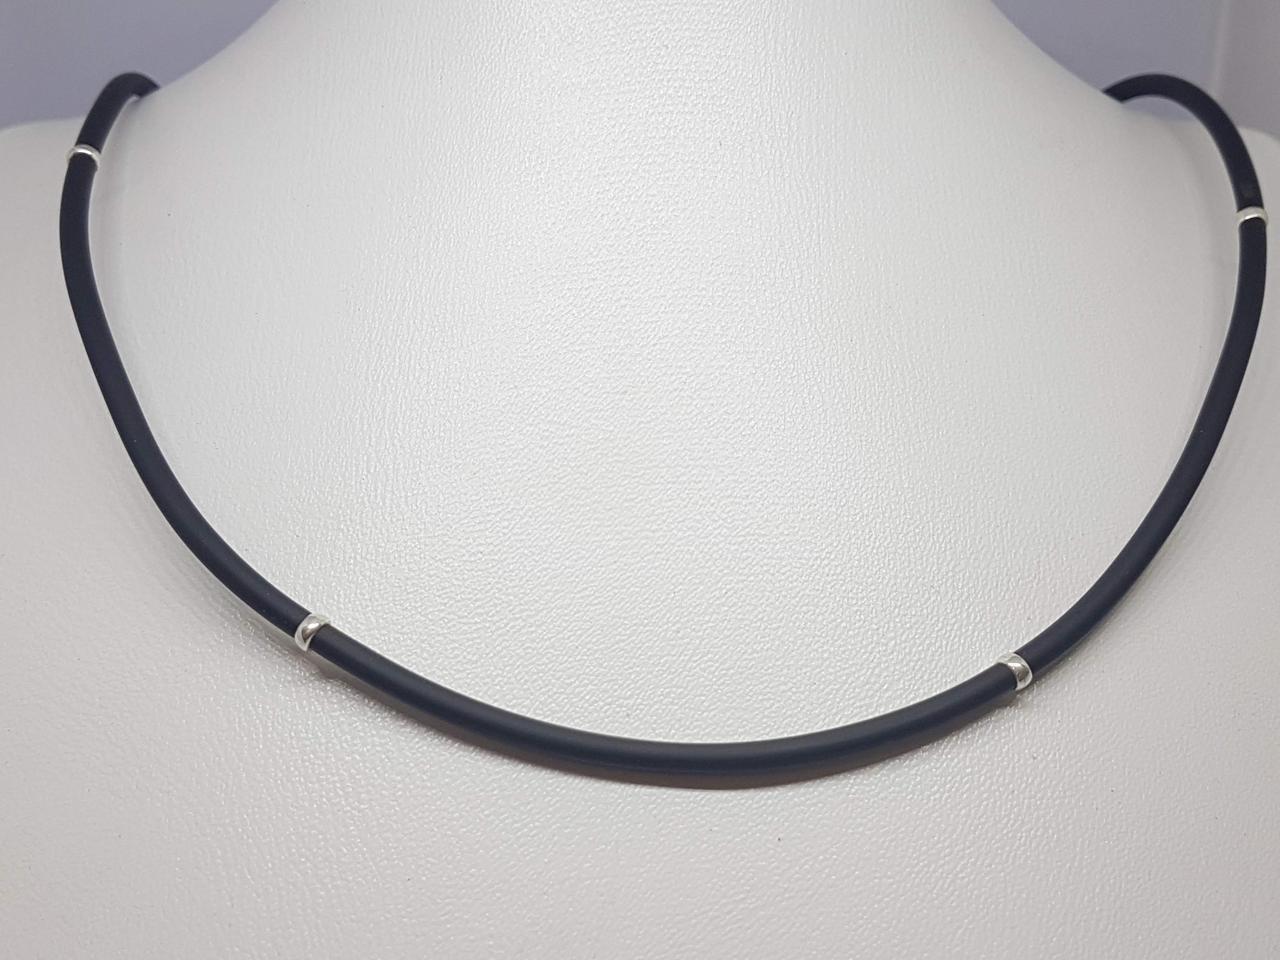 Ювелірний шнурок з каучуку з срібними вставками. Артикул 40003 50